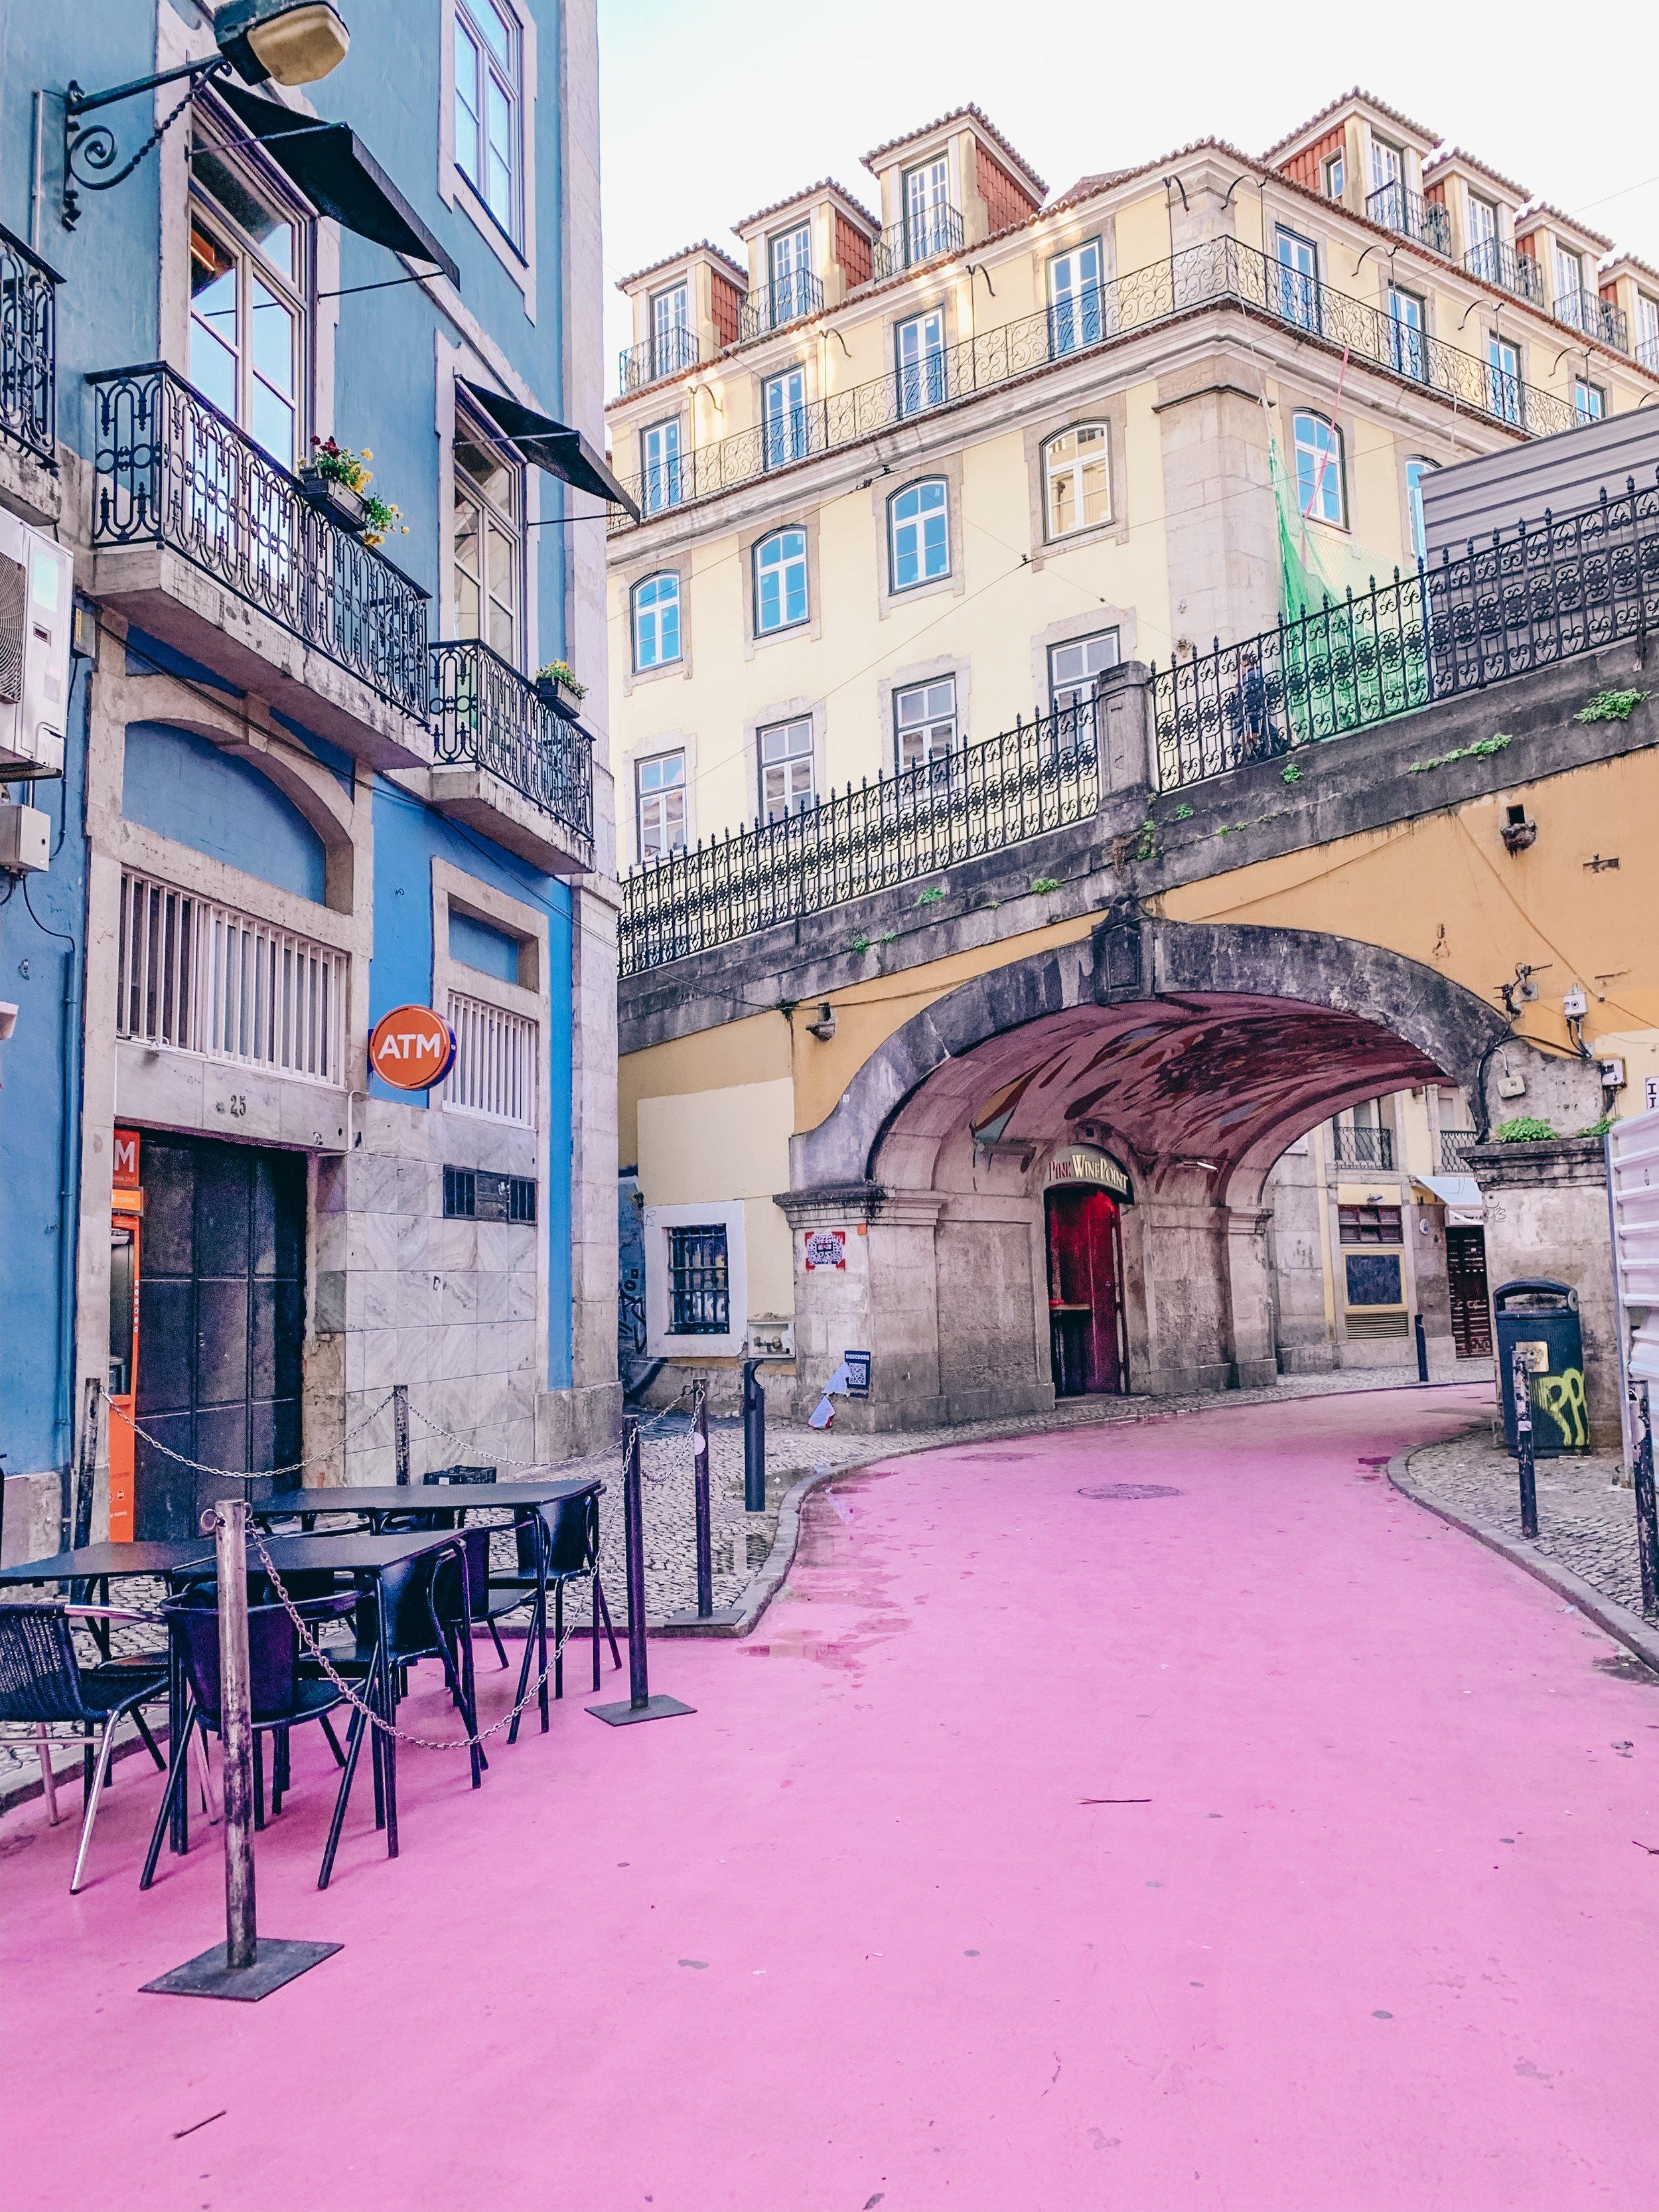 Rua Cor de Rosa (pink street) in Cais do Sodre neighborhood